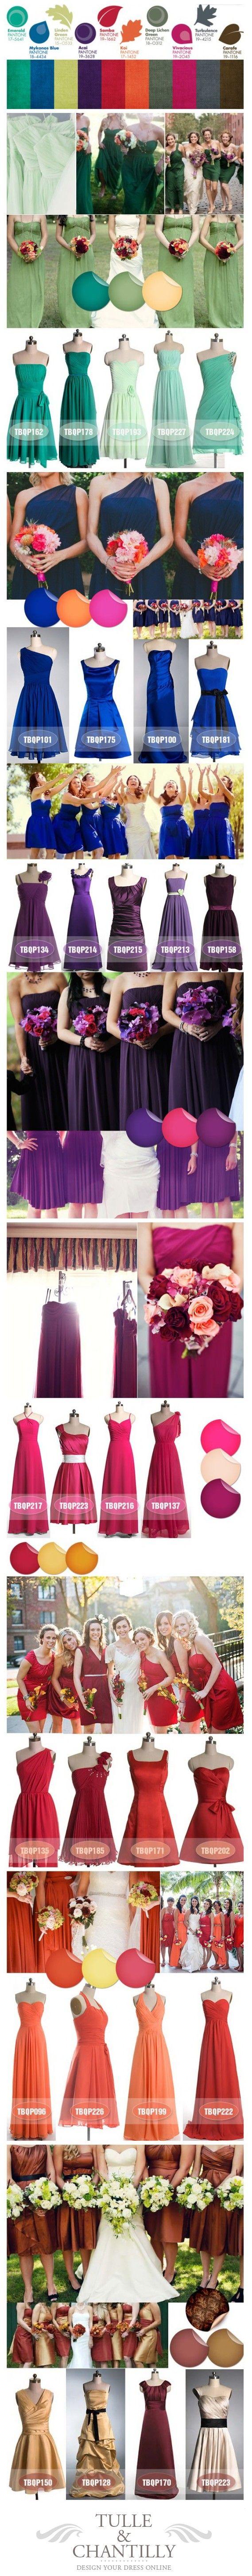 Colores para damas de honor de bodas en otoño    ----Purple, blue, green, red, orange bridesmaid dresses color ideas for fall wedding.